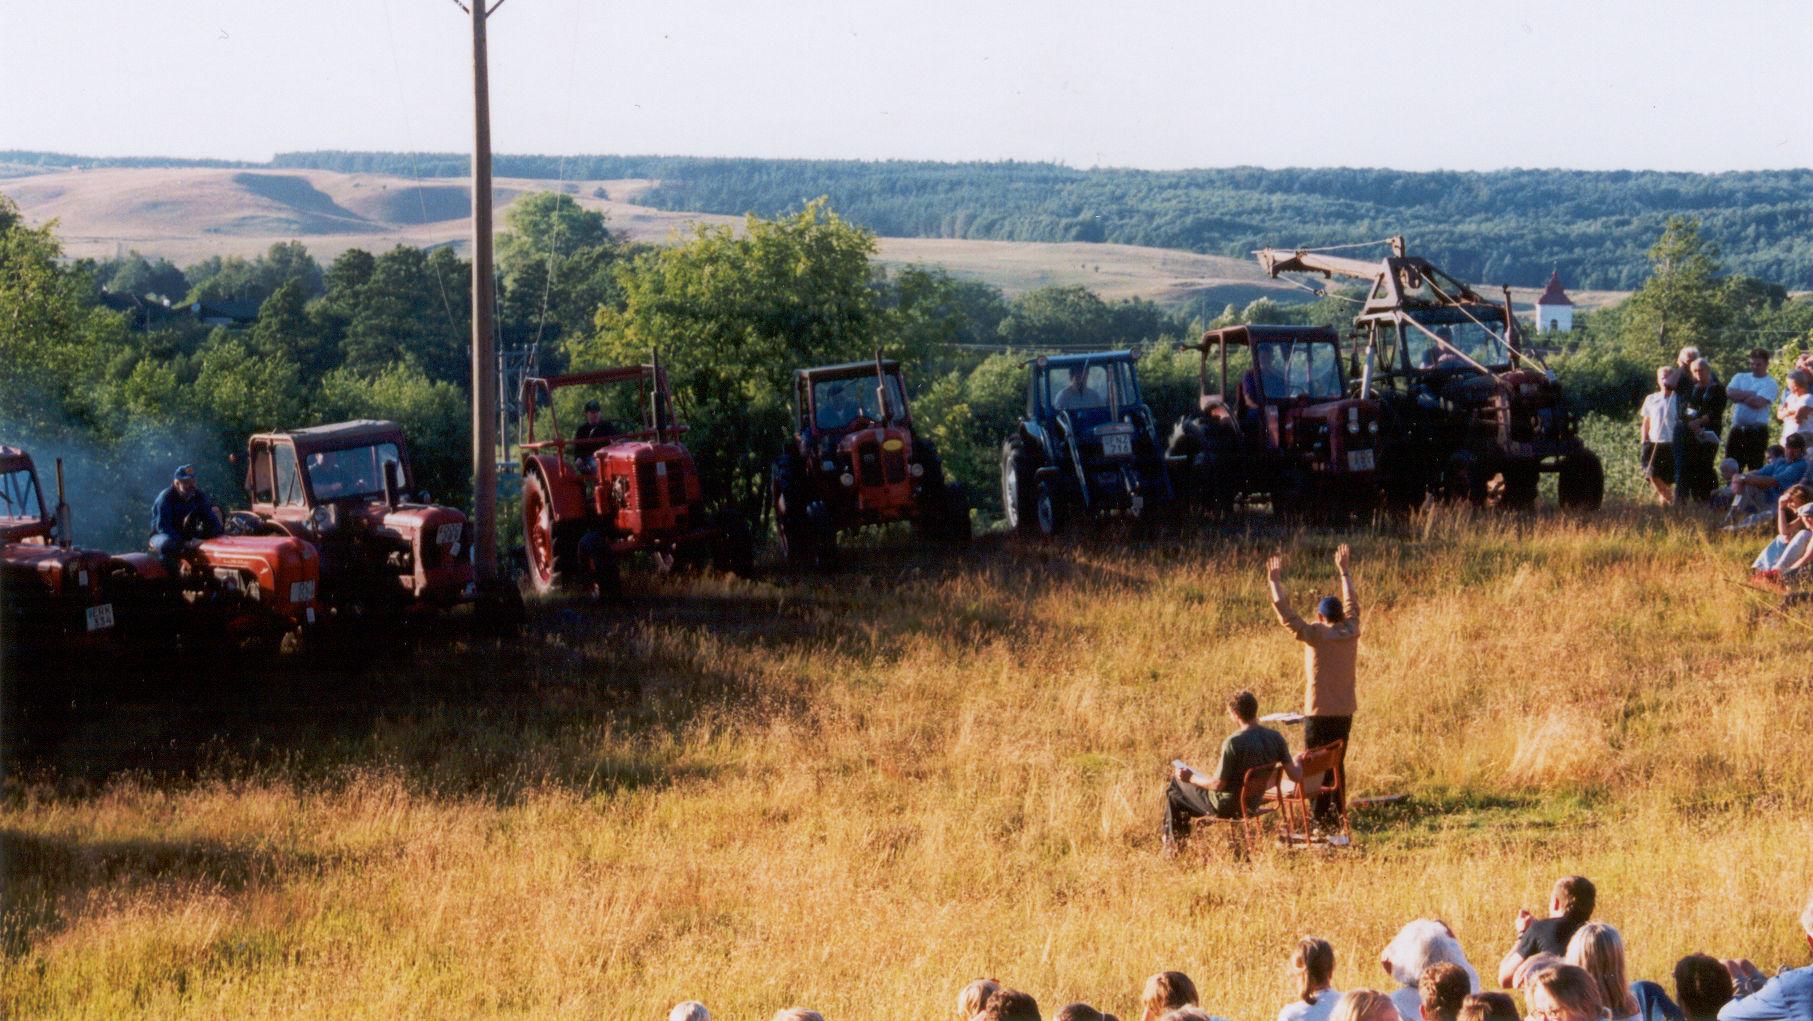 Ornahög blev skådeplats när över 2 000 personer vallfärdade för att se Sven-Åke Johanssons konsert för tolv traktorer den 20 juli år 2000. Foto: Ellinor Gylling